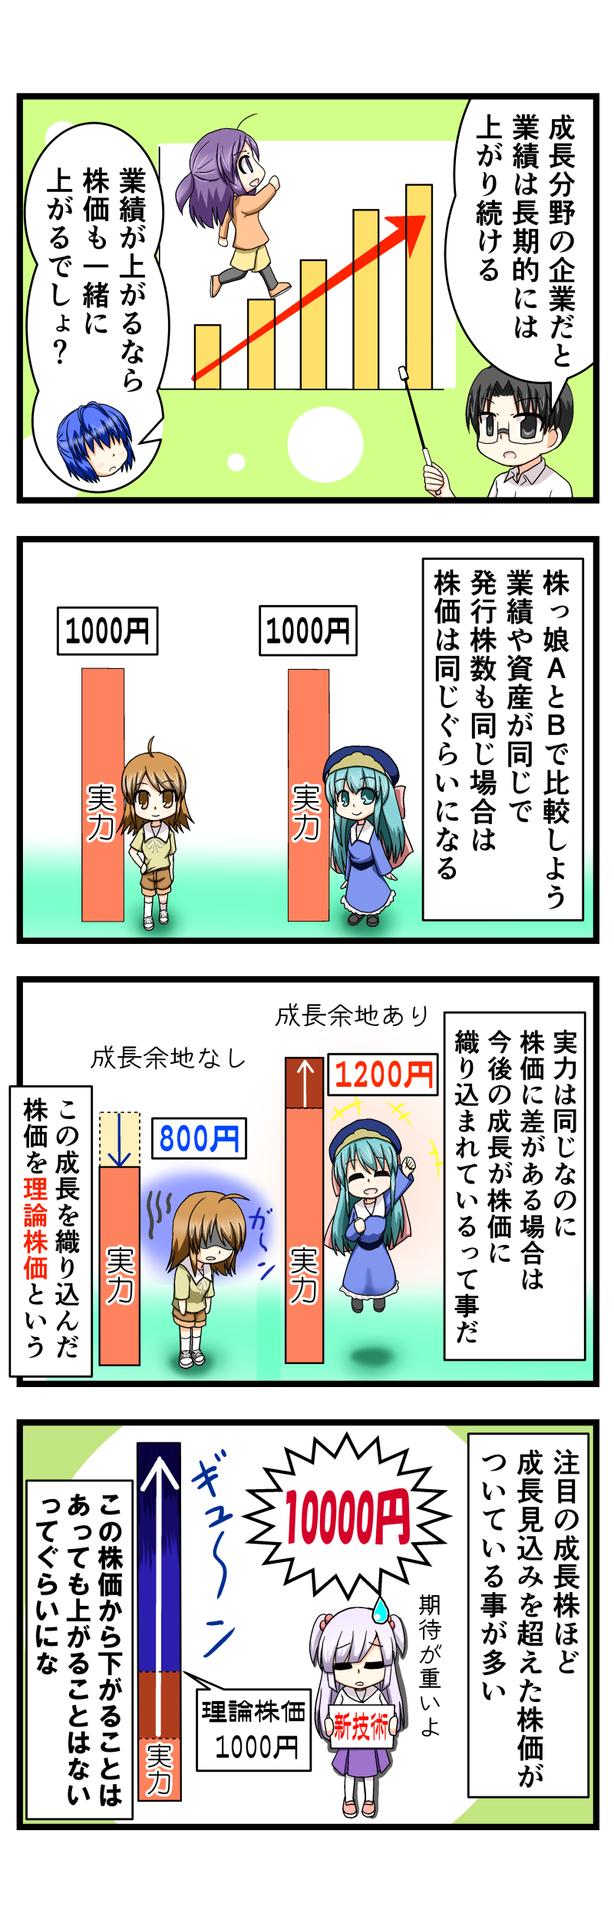 萌える株セミナー101.jpg